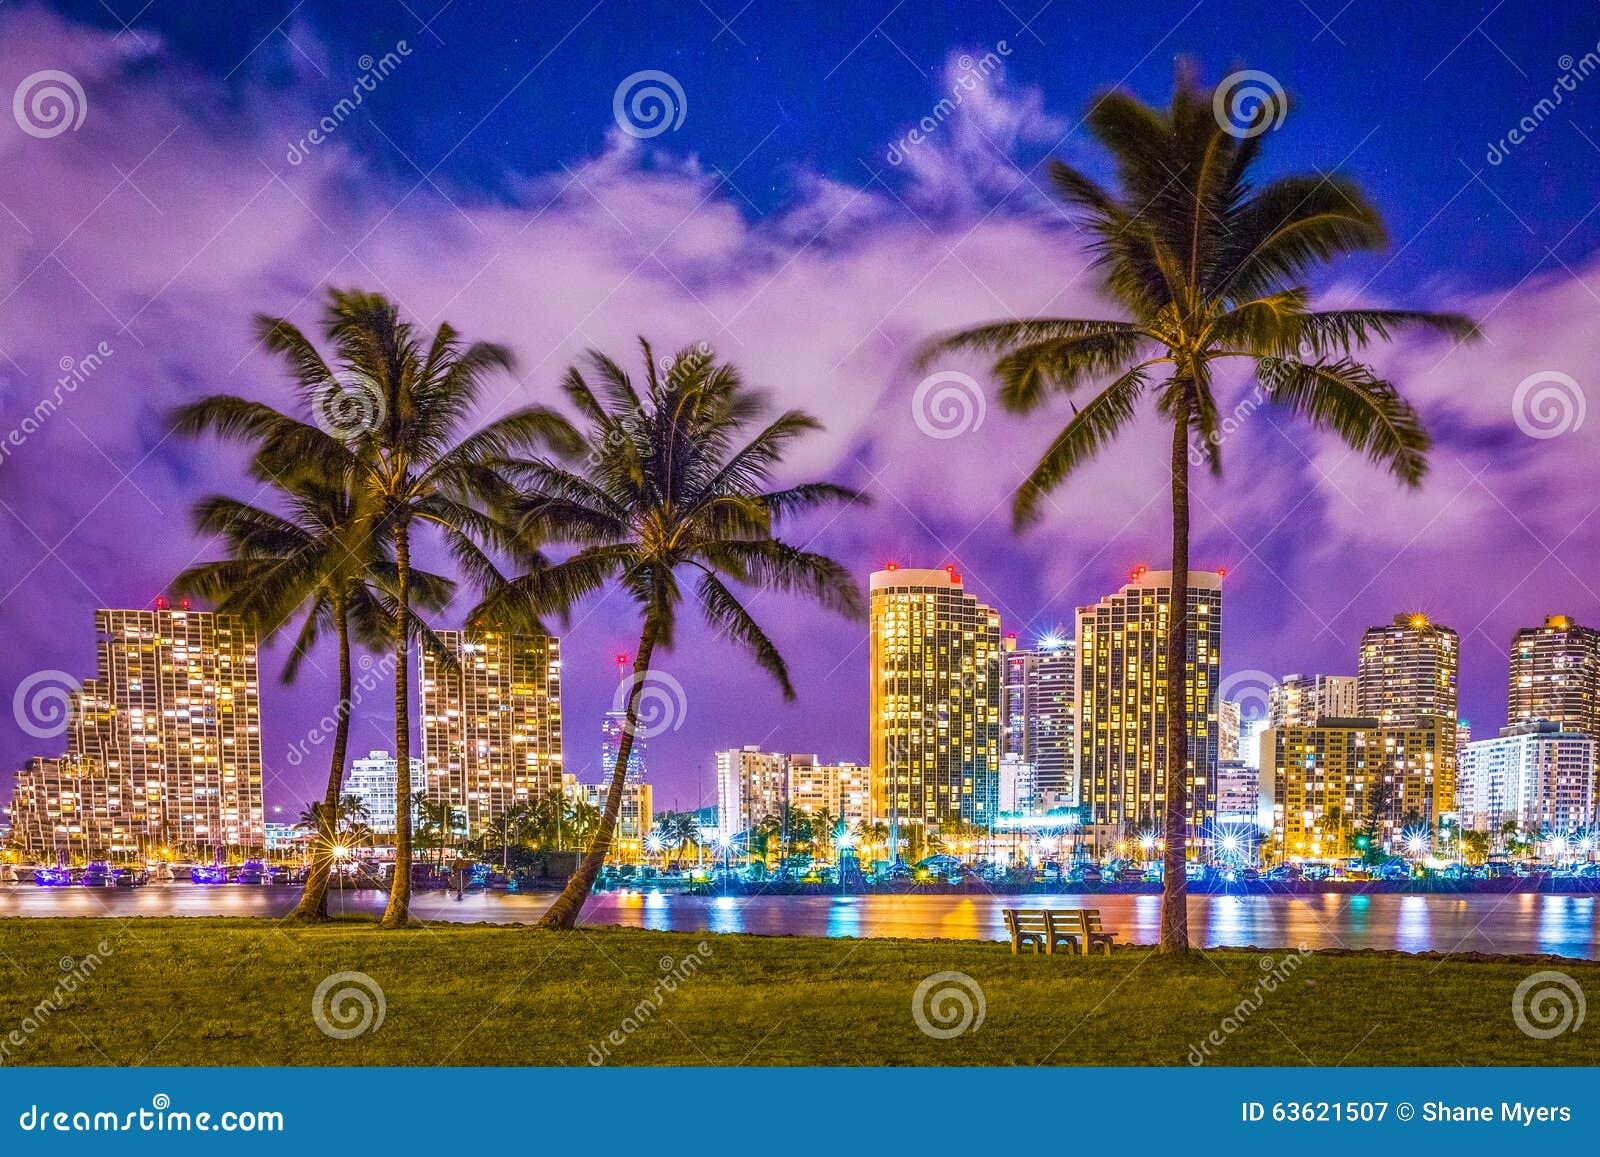 Waikiki Marzyć